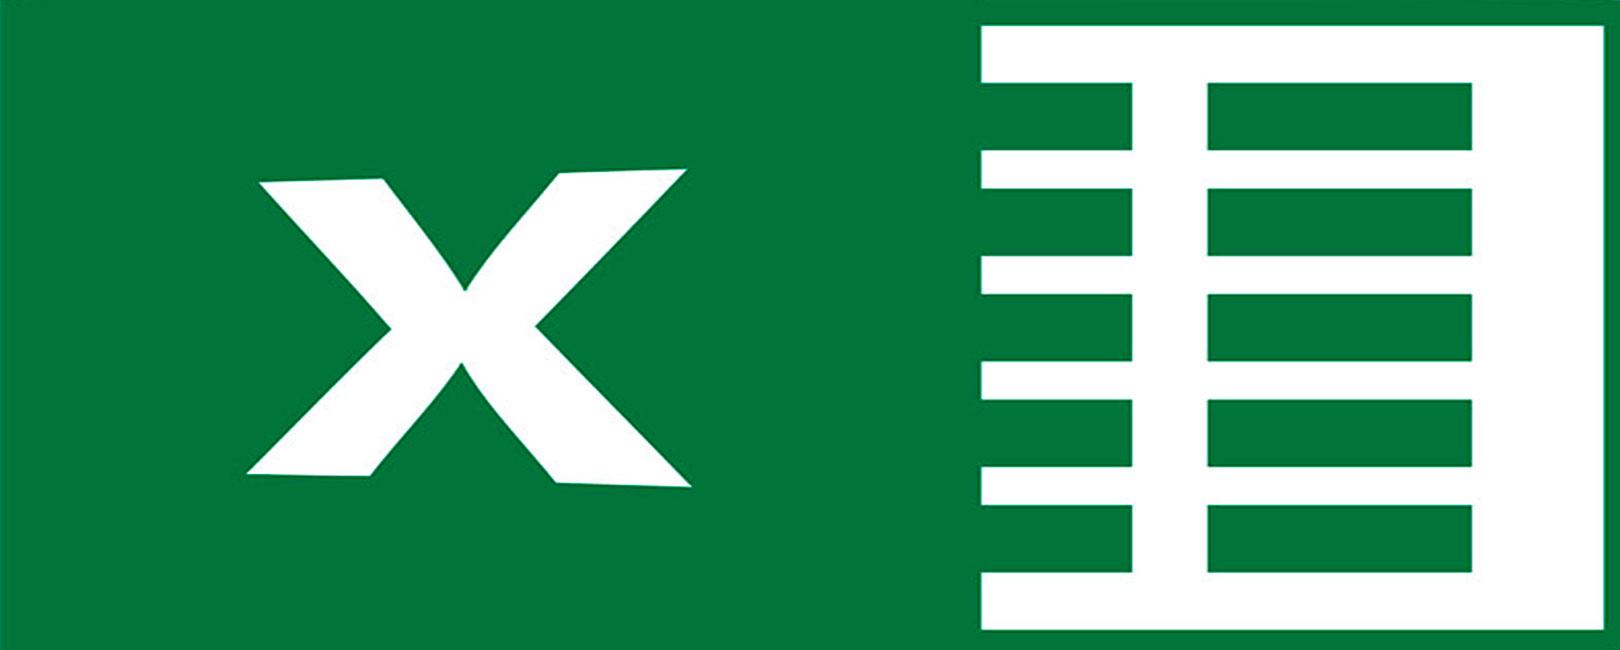 Materiales-Programa PEA II: Modelos de Excel Avanzado Aplicados. En remoto